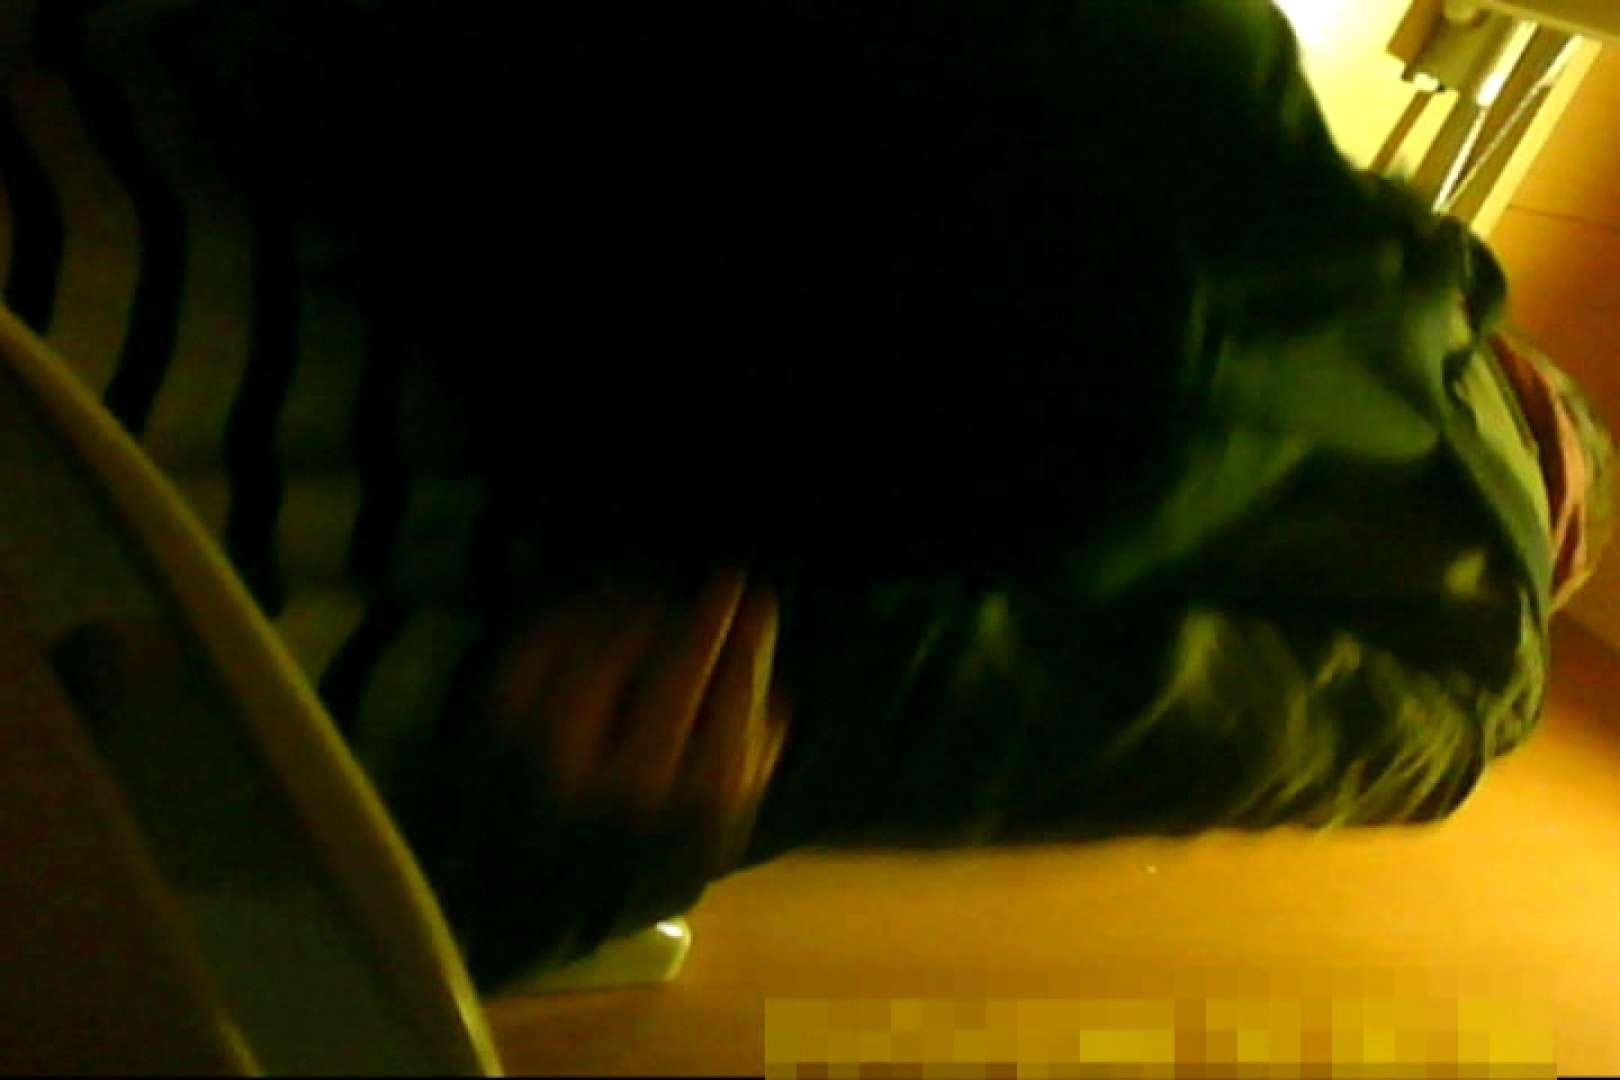 魅惑の化粧室~禁断のプライベート空間~20 盗撮 | 洗面所  58pic 46